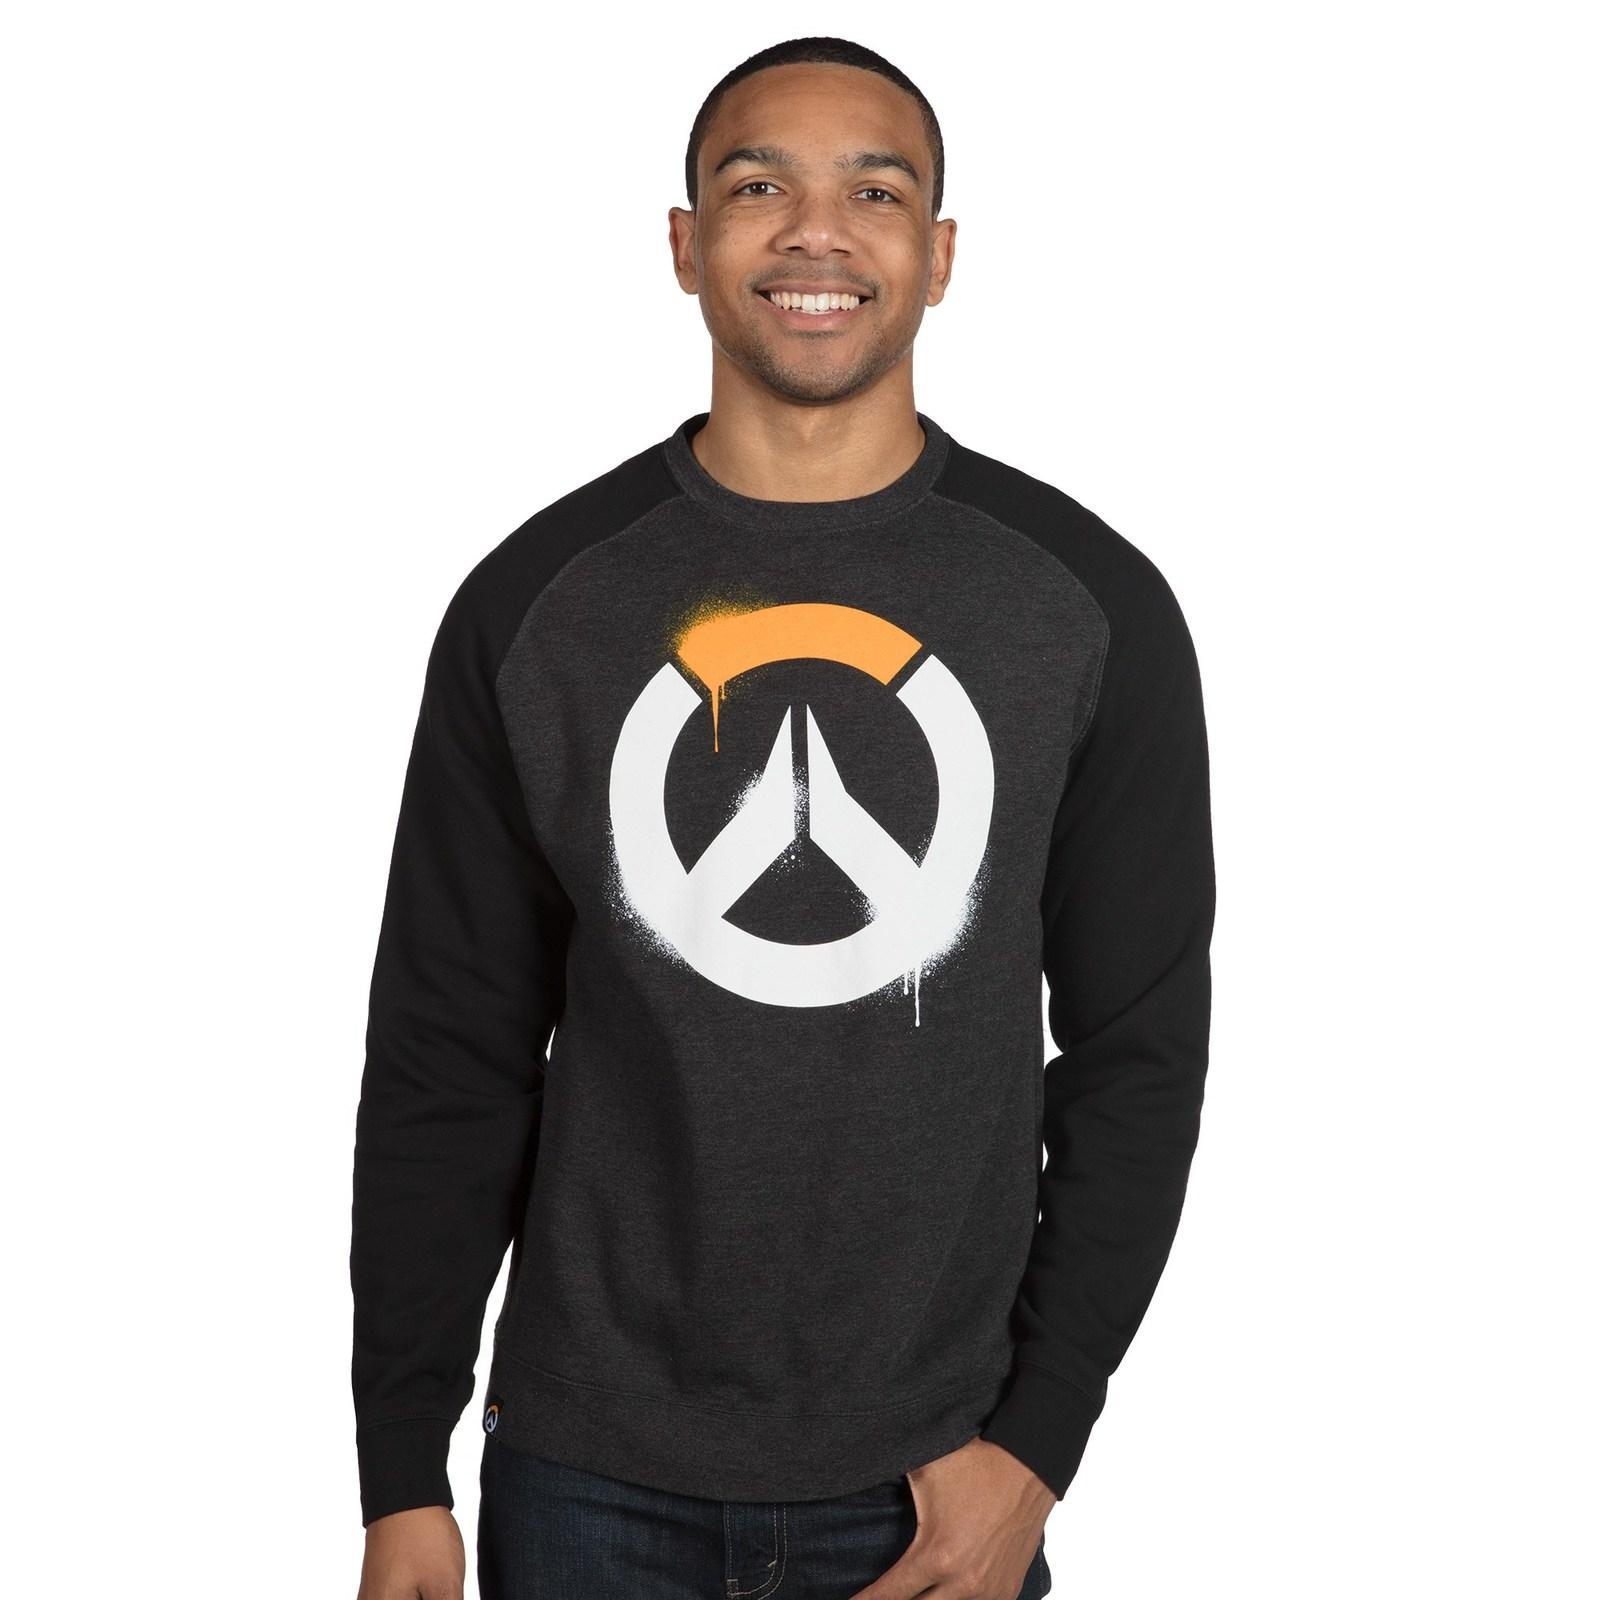 Overwatch Stencil Logo Raglan Pullover Sweatshirt (L) image